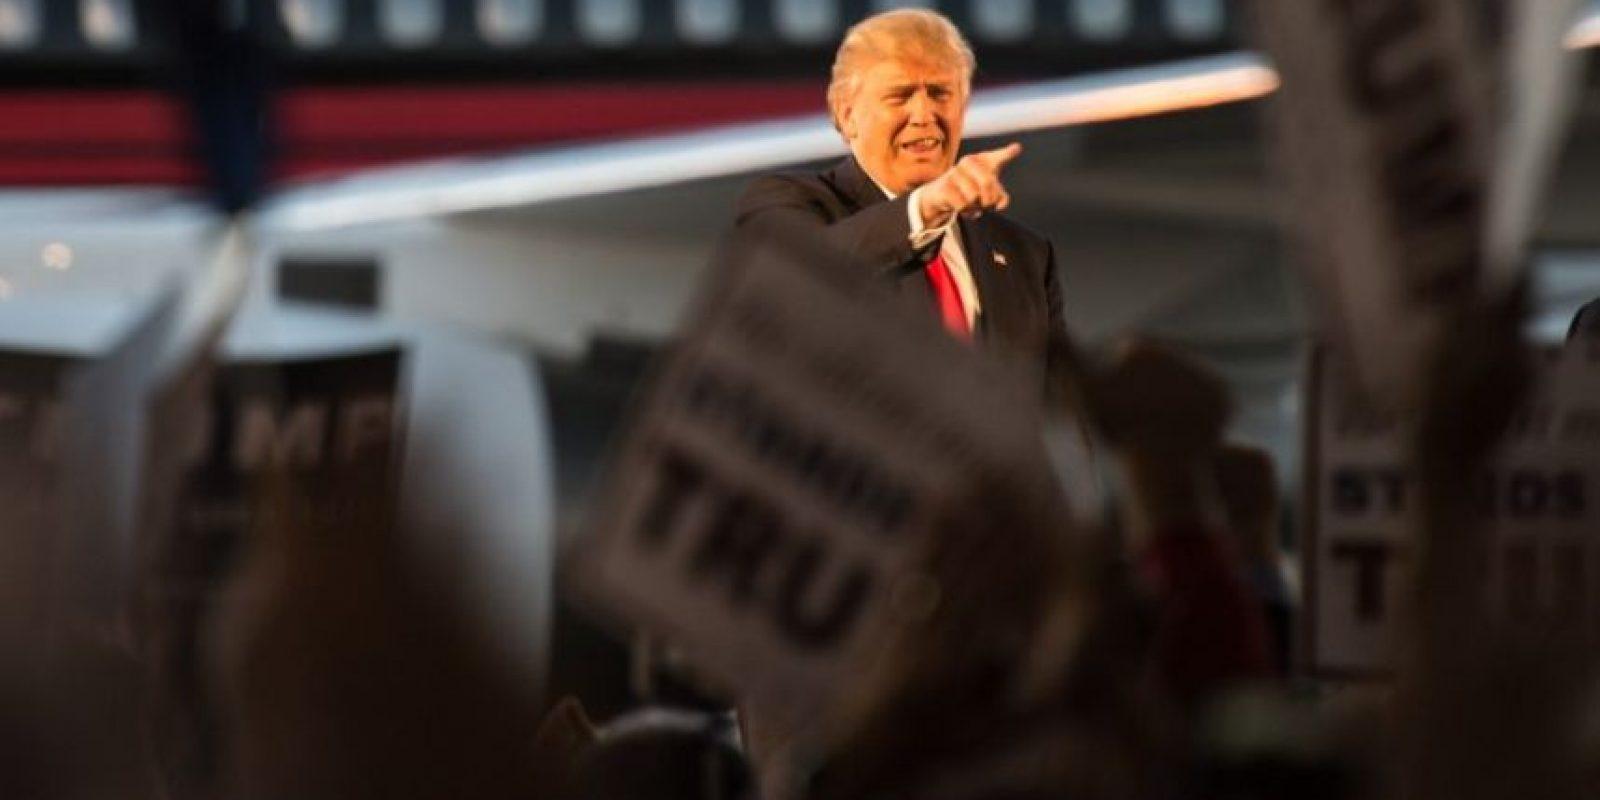 El republicano Donald Trump saluda a sus simpatizantes durante un evento en Estados Unidos. Foto:AFP